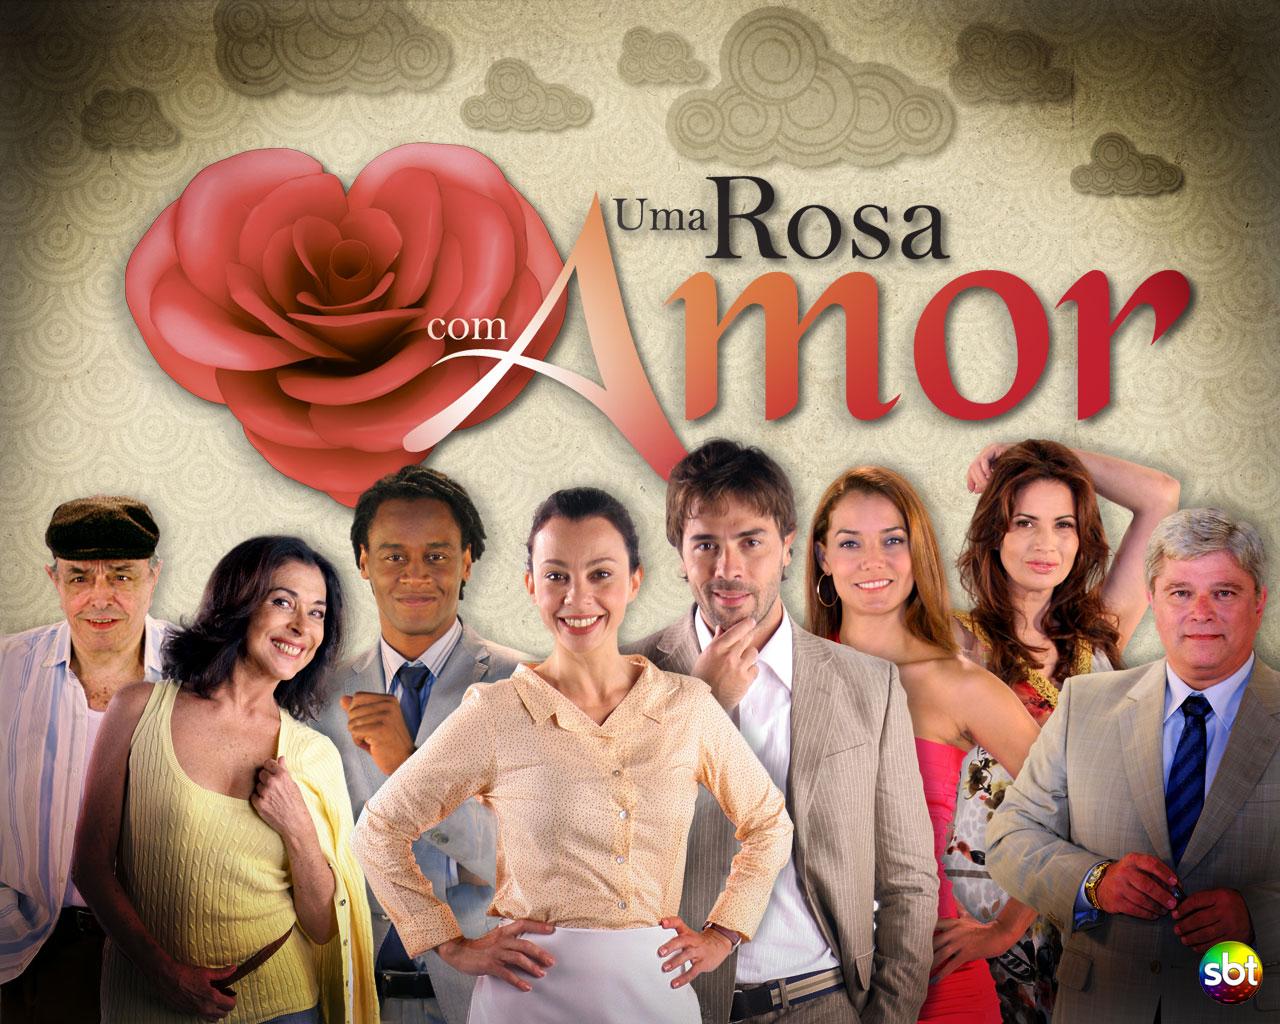 Uma Rosa com Amor (2010)